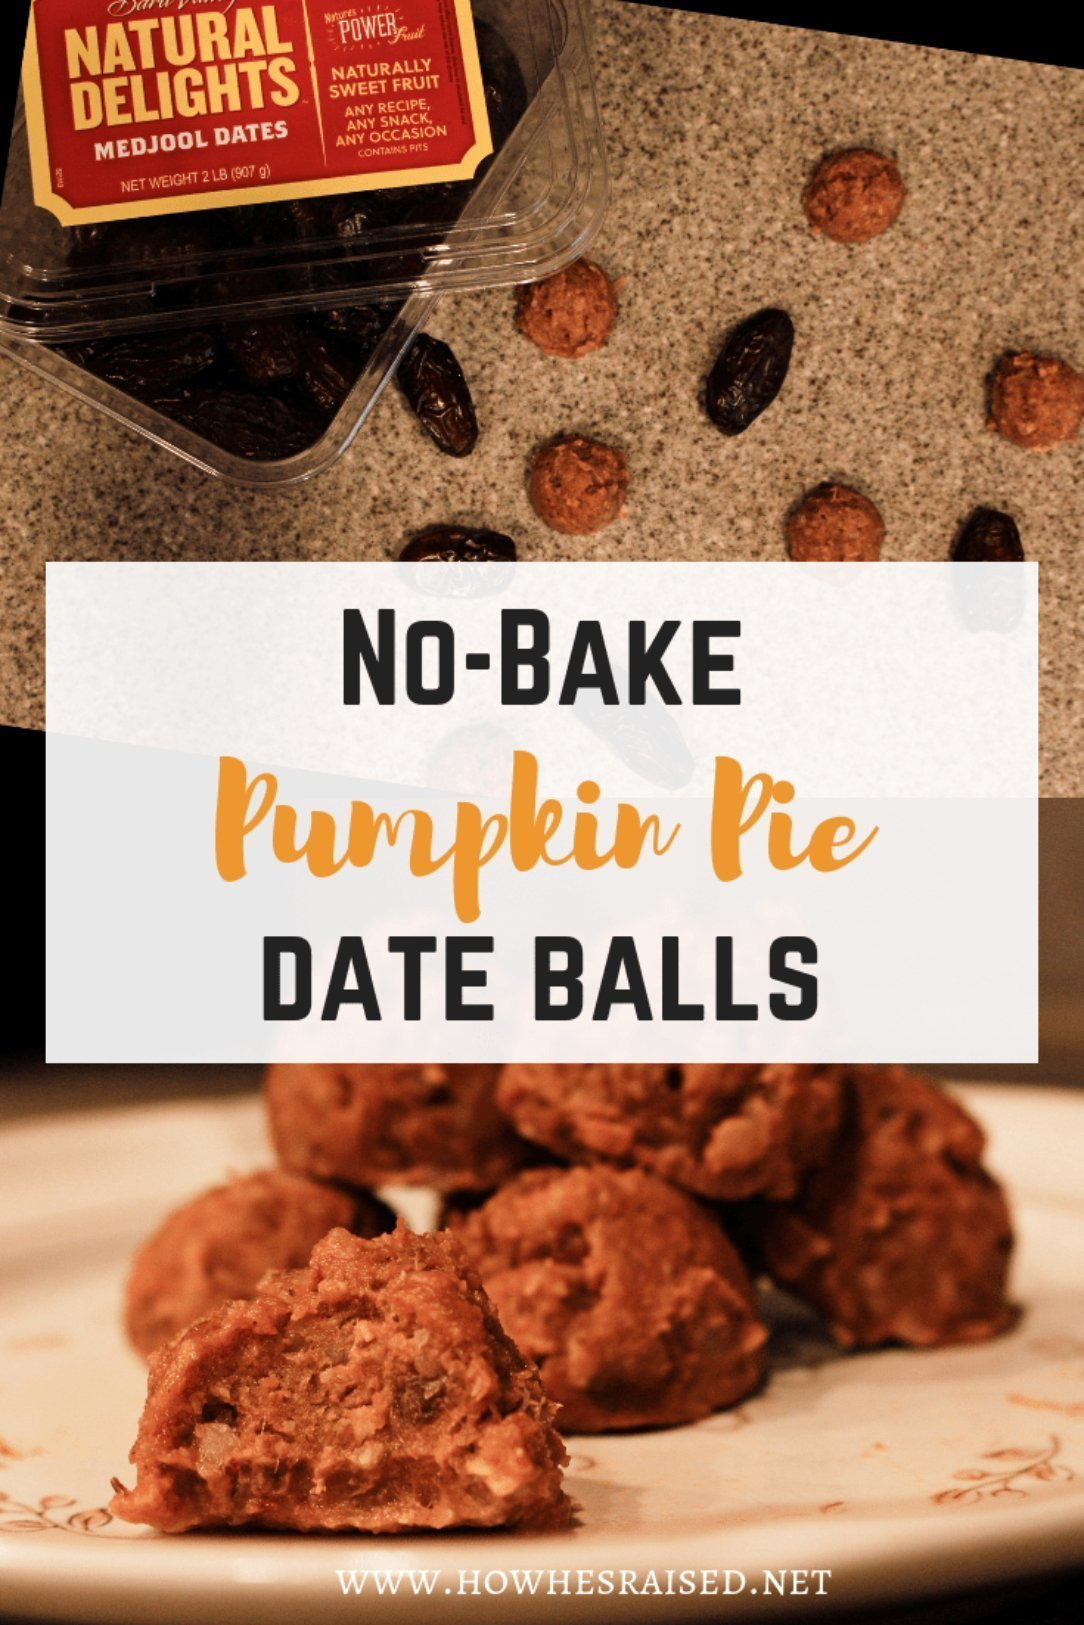 No-Bake Pumpkin Pie Date Balls